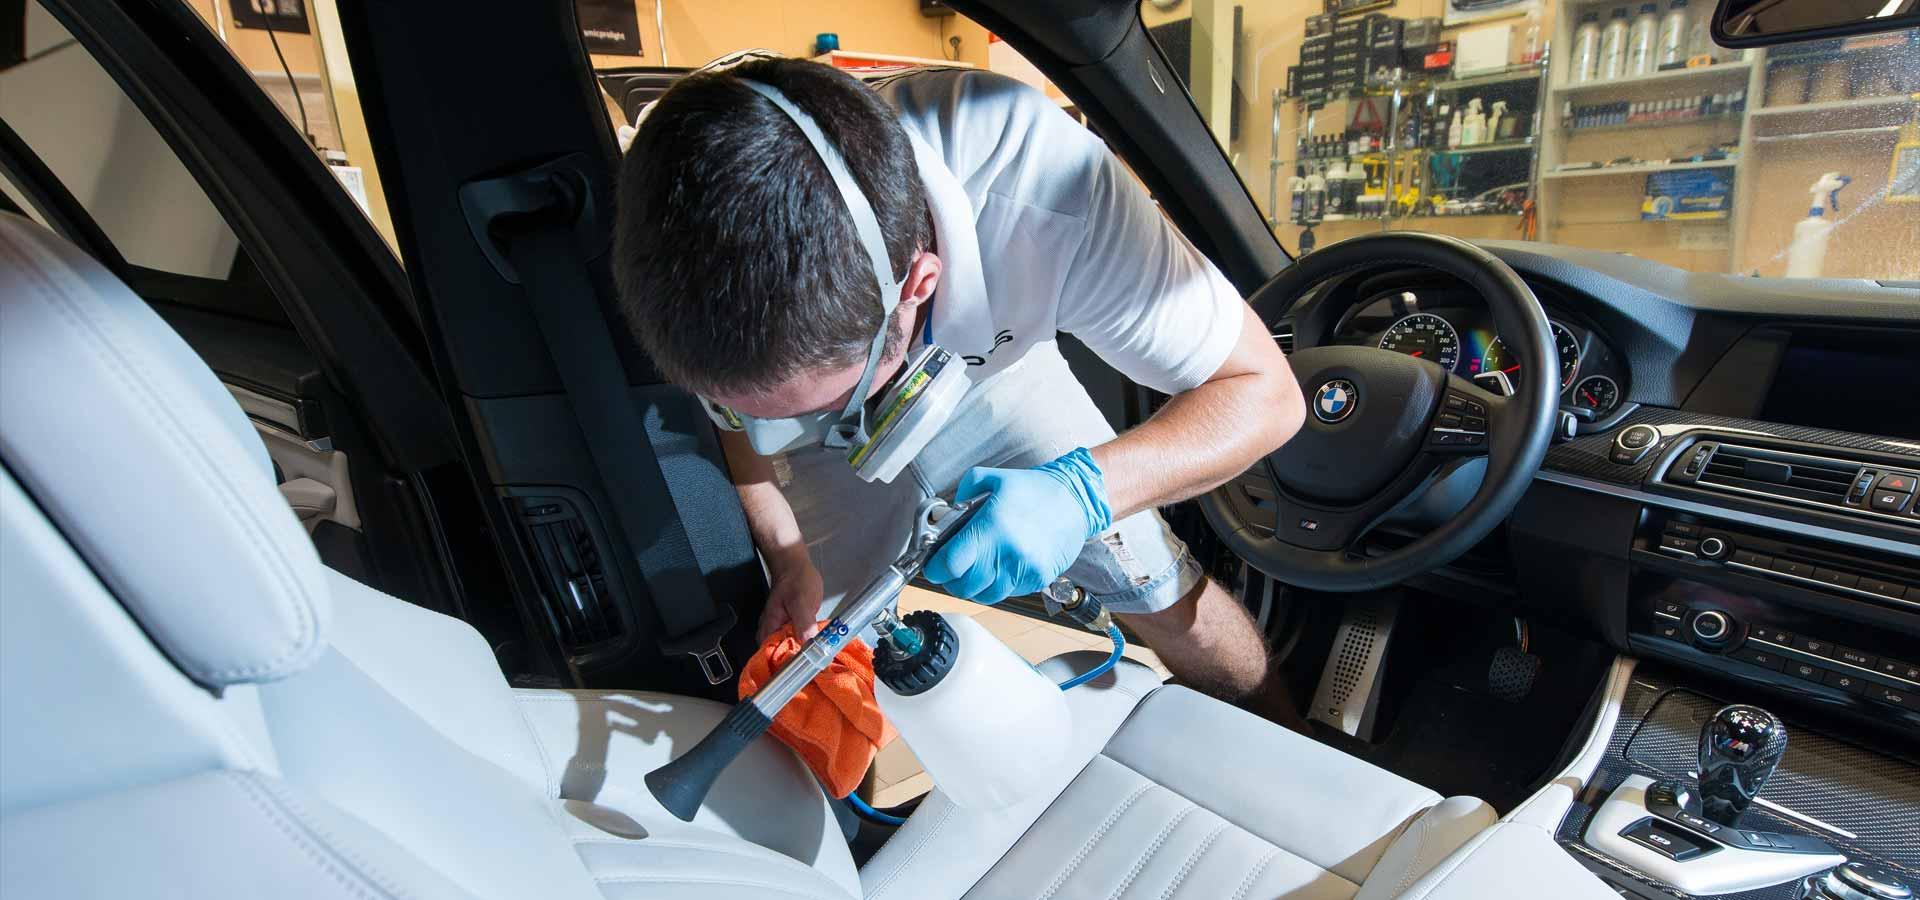 Какие услуги по химчистке авто оказывают детейлинг-центры?